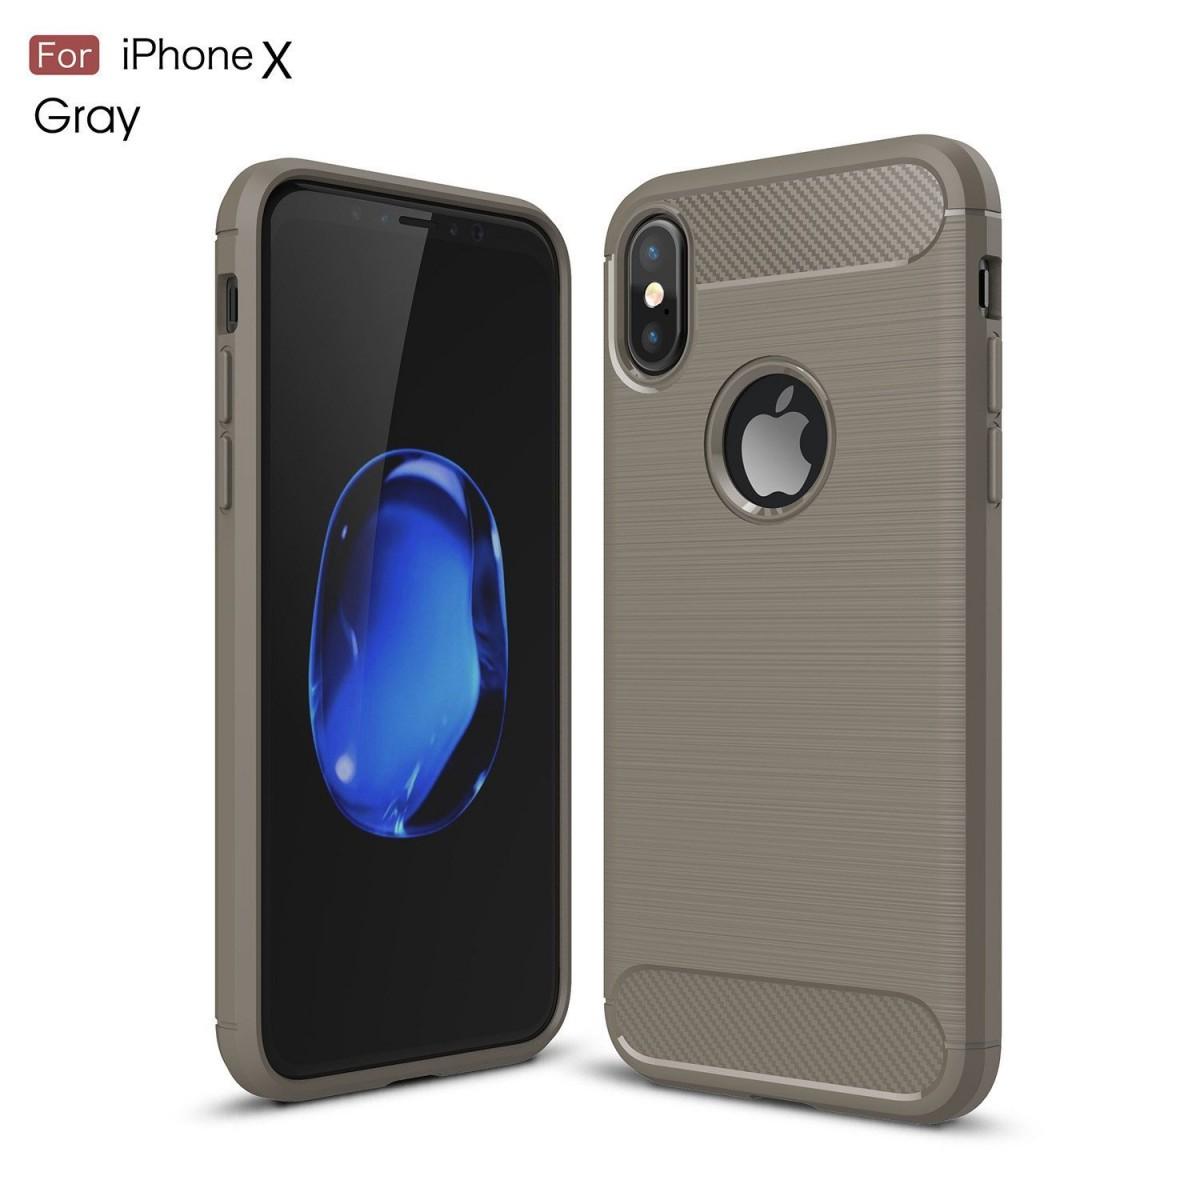 Stylový obal / kryt Carbon Armor pro iPhone Xs/X - Šedý